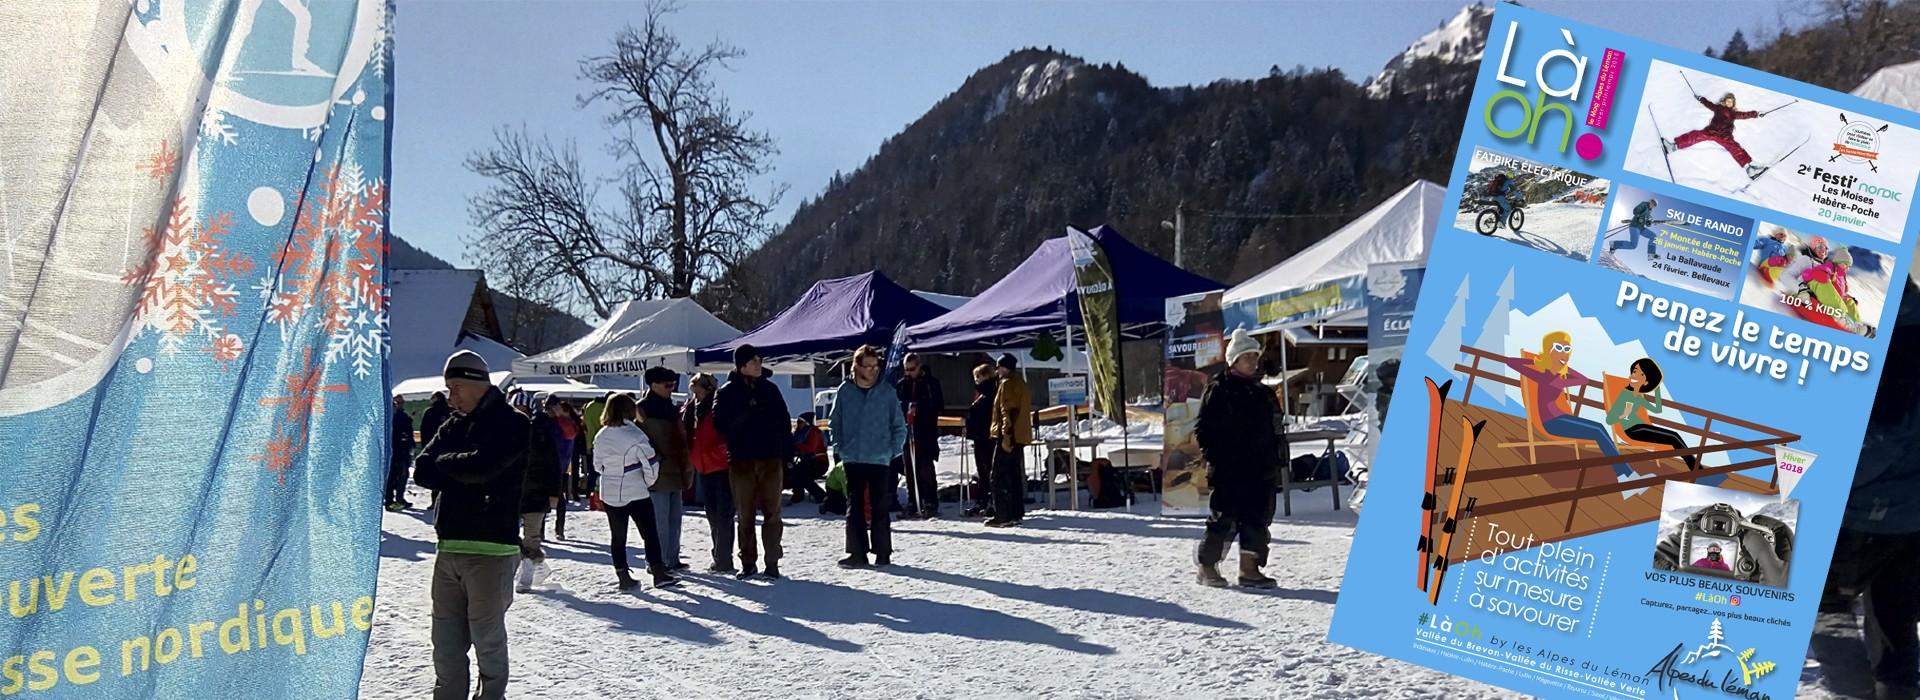 Activités manifestations hiver Mag LàOh